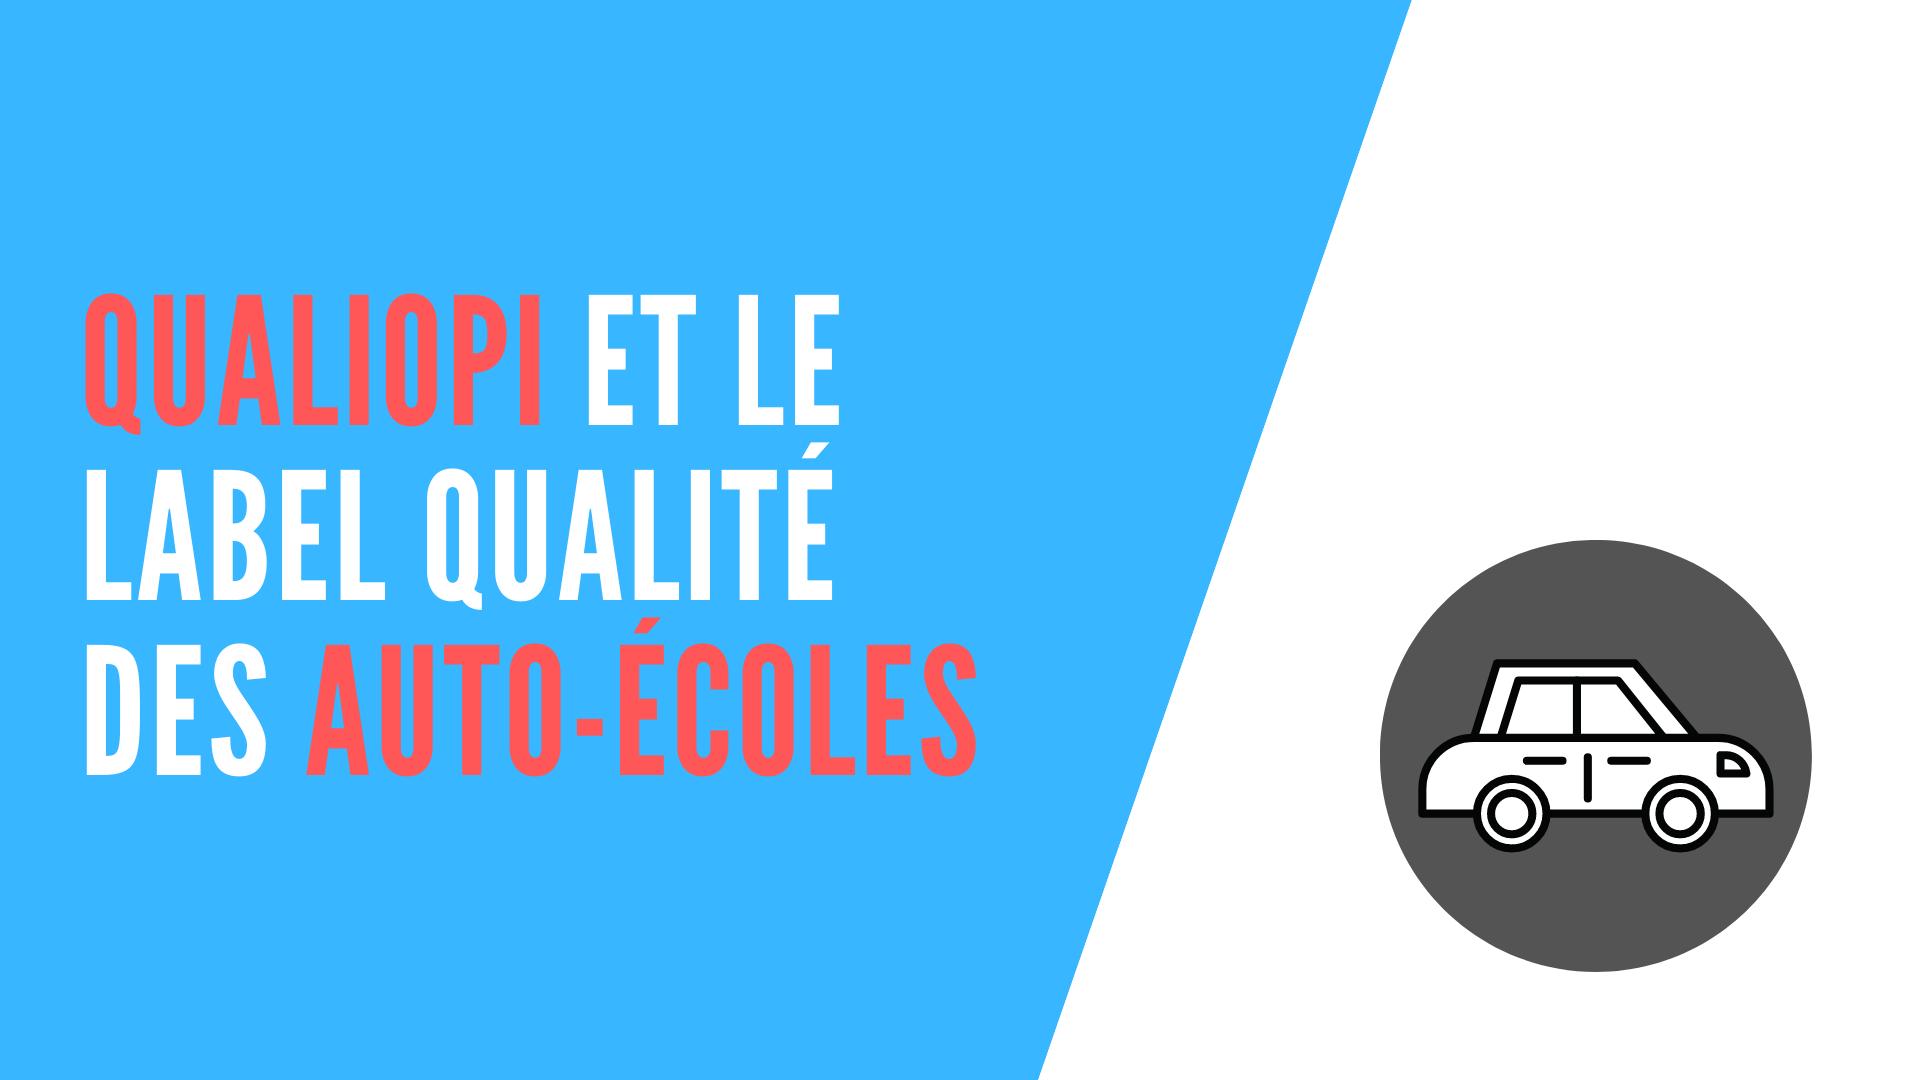 Qualiopi et le label qualité des auto-écoles